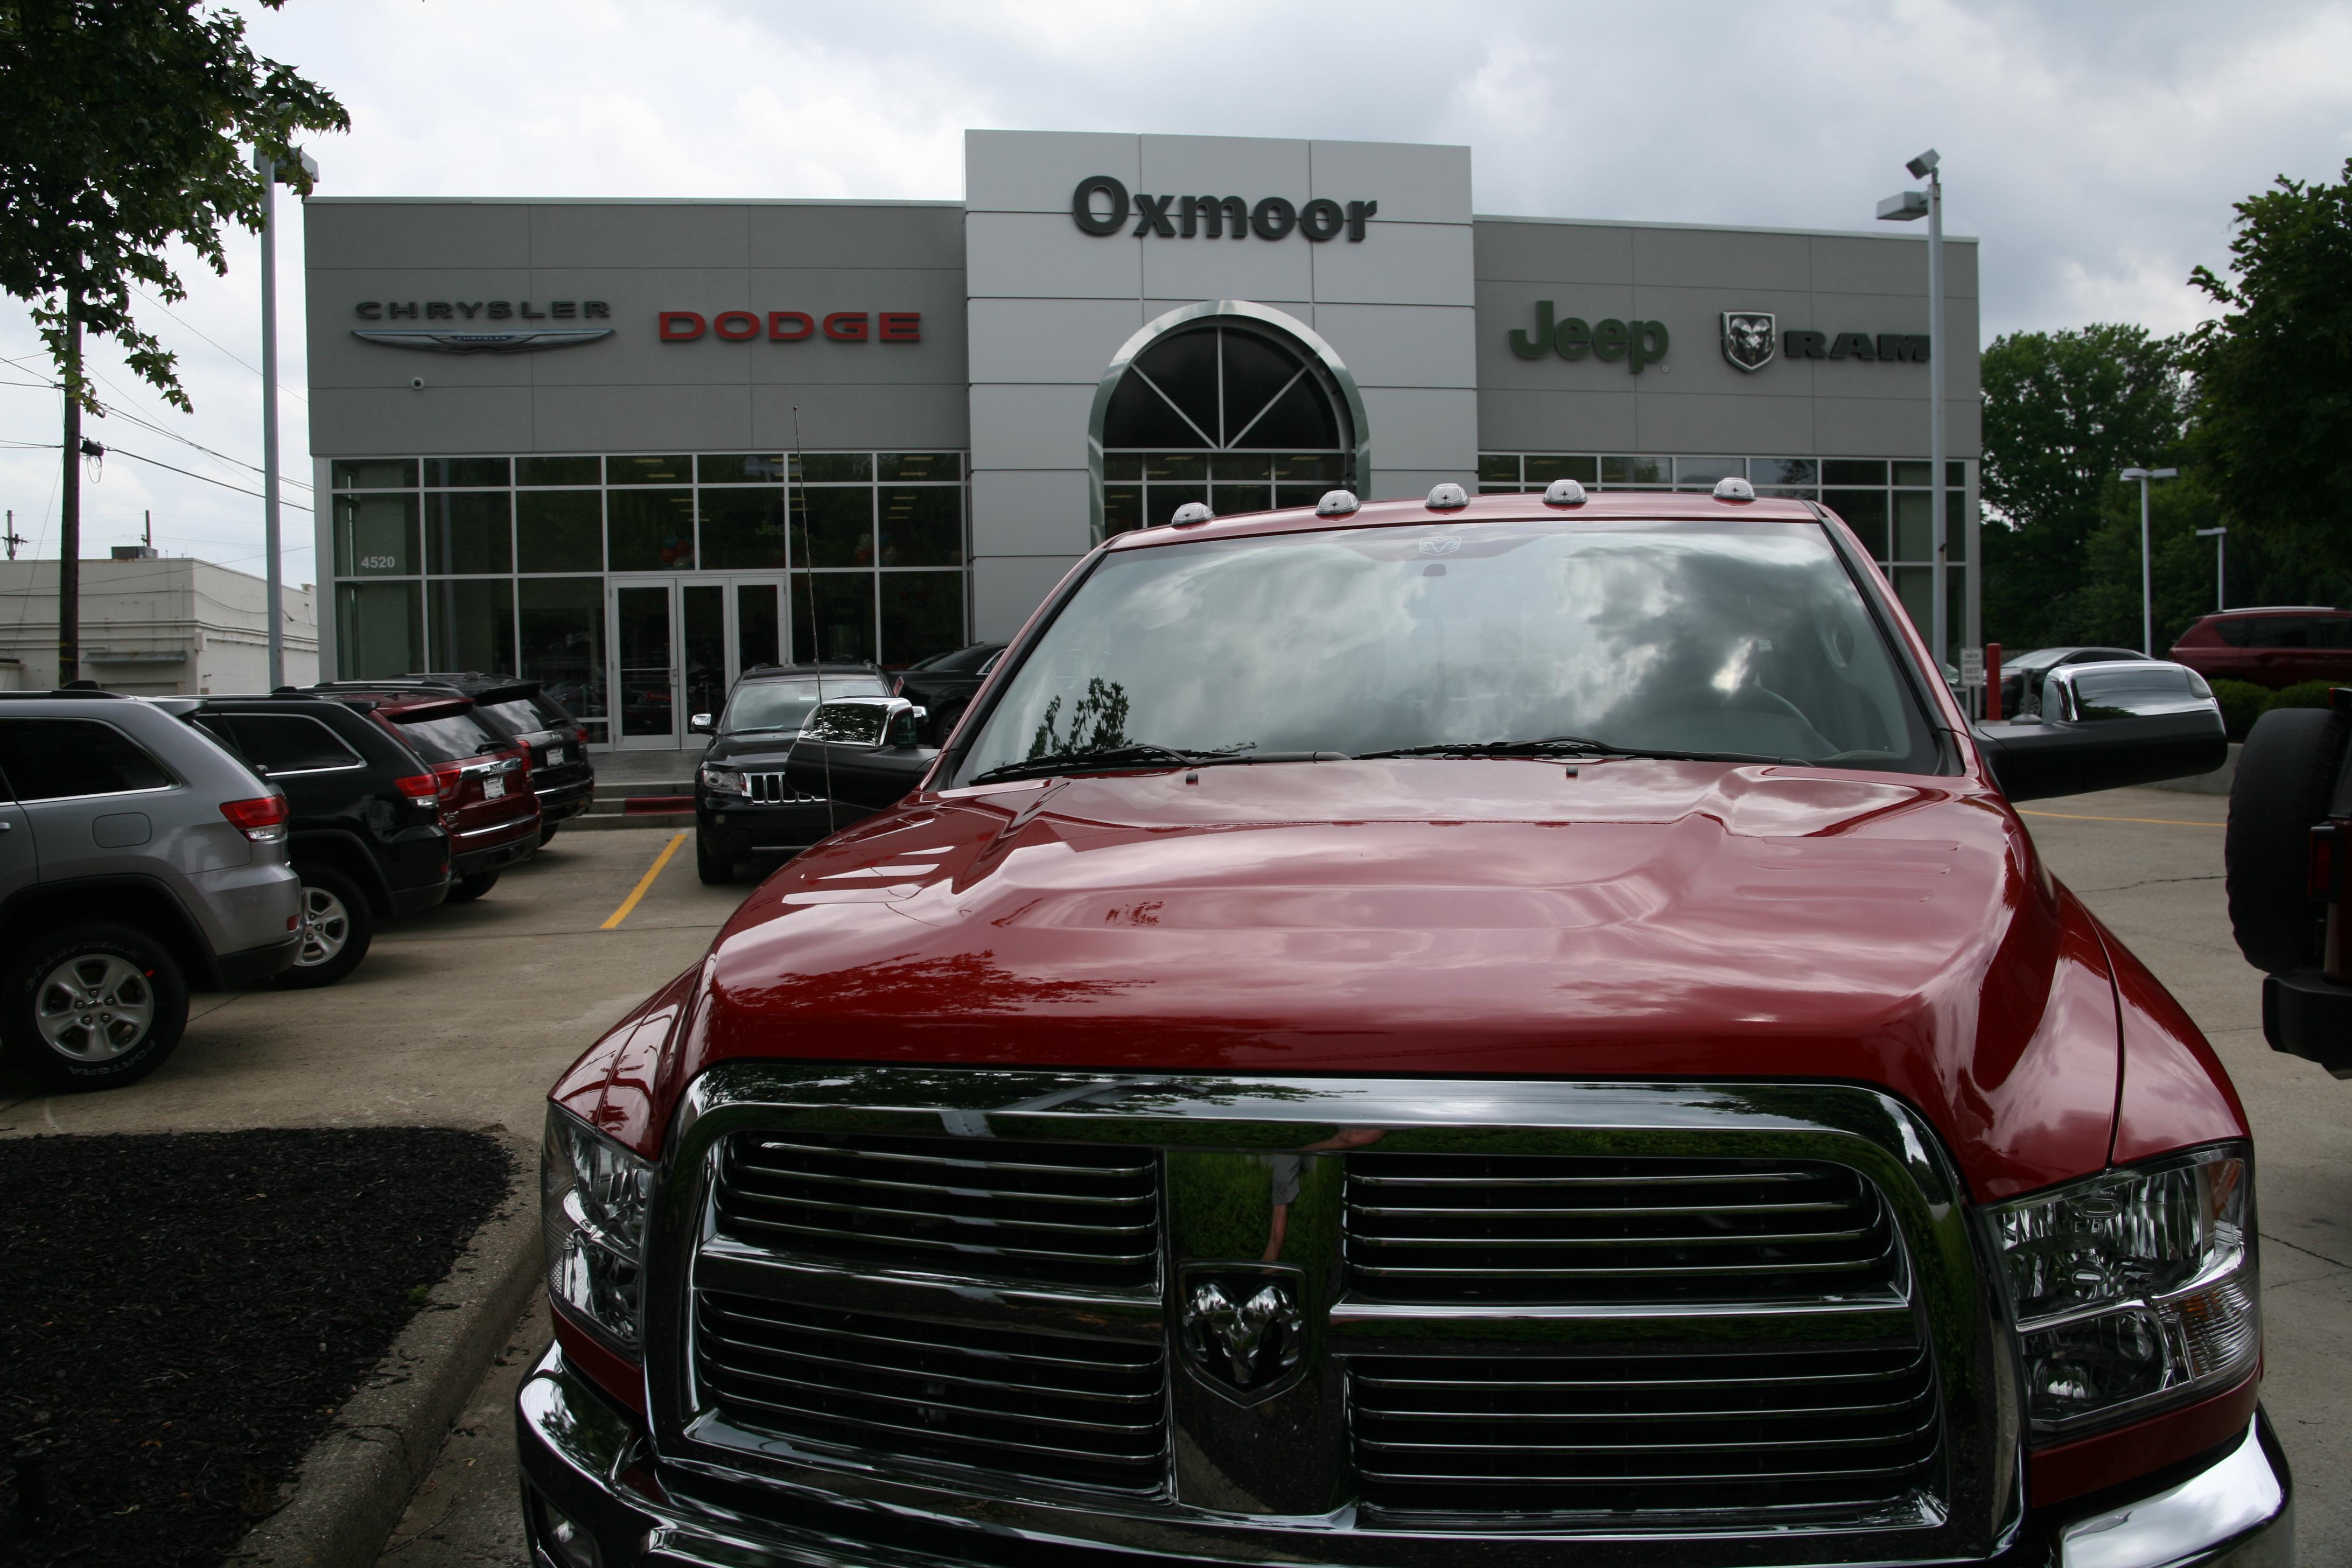 Oxmoor chrysler dodge jeep ram in louisville ky 40207 for M l motors chrysler dodge jeep ram